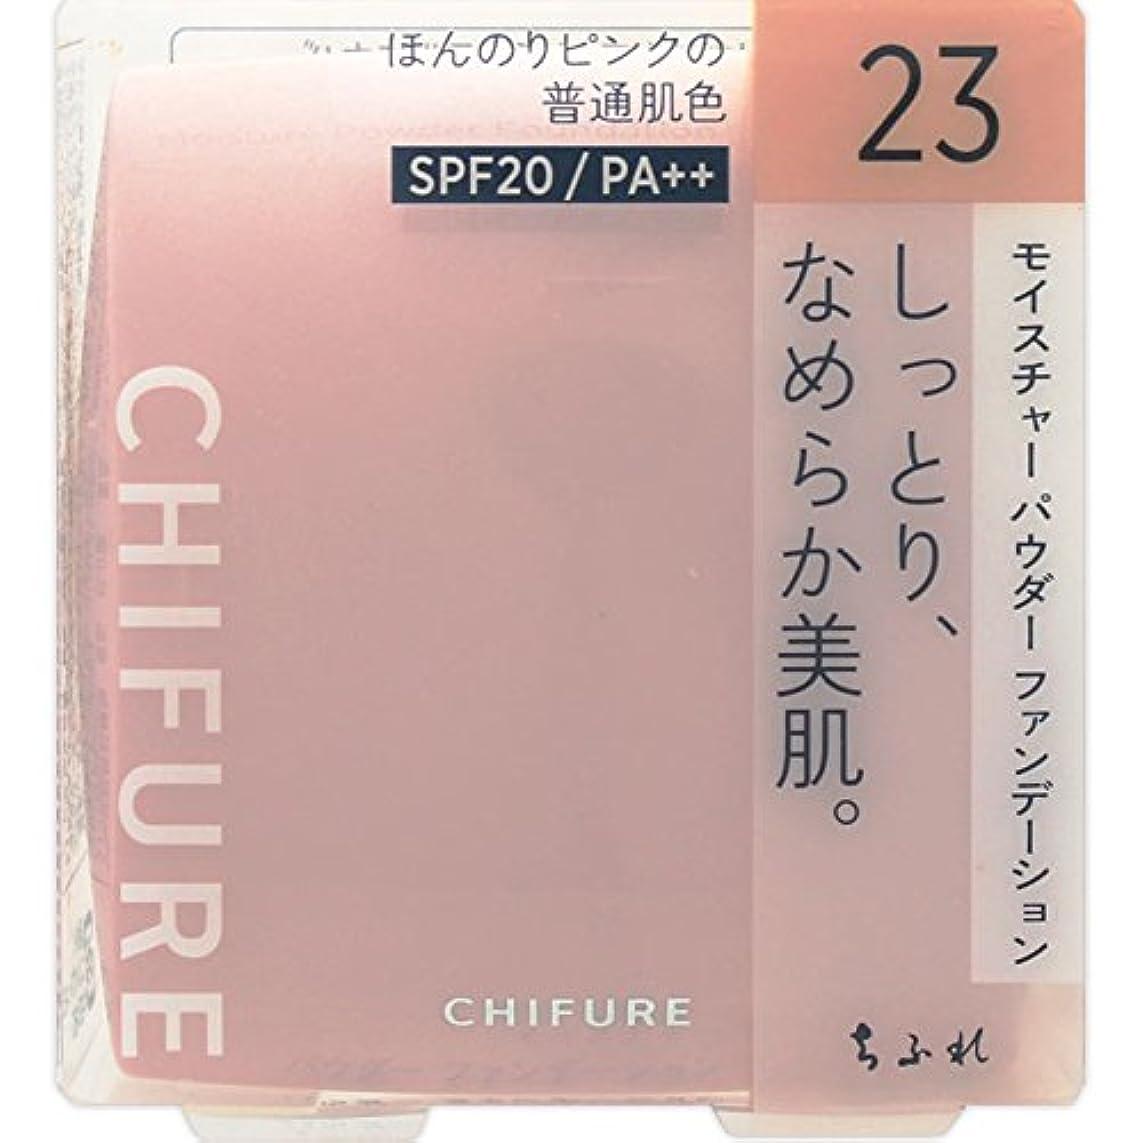 指に話す夕方ちふれ化粧品 モイスチャー パウダーファンデーション(スポンジ入り) 23 ピンクオークル系 MパウダーFD23